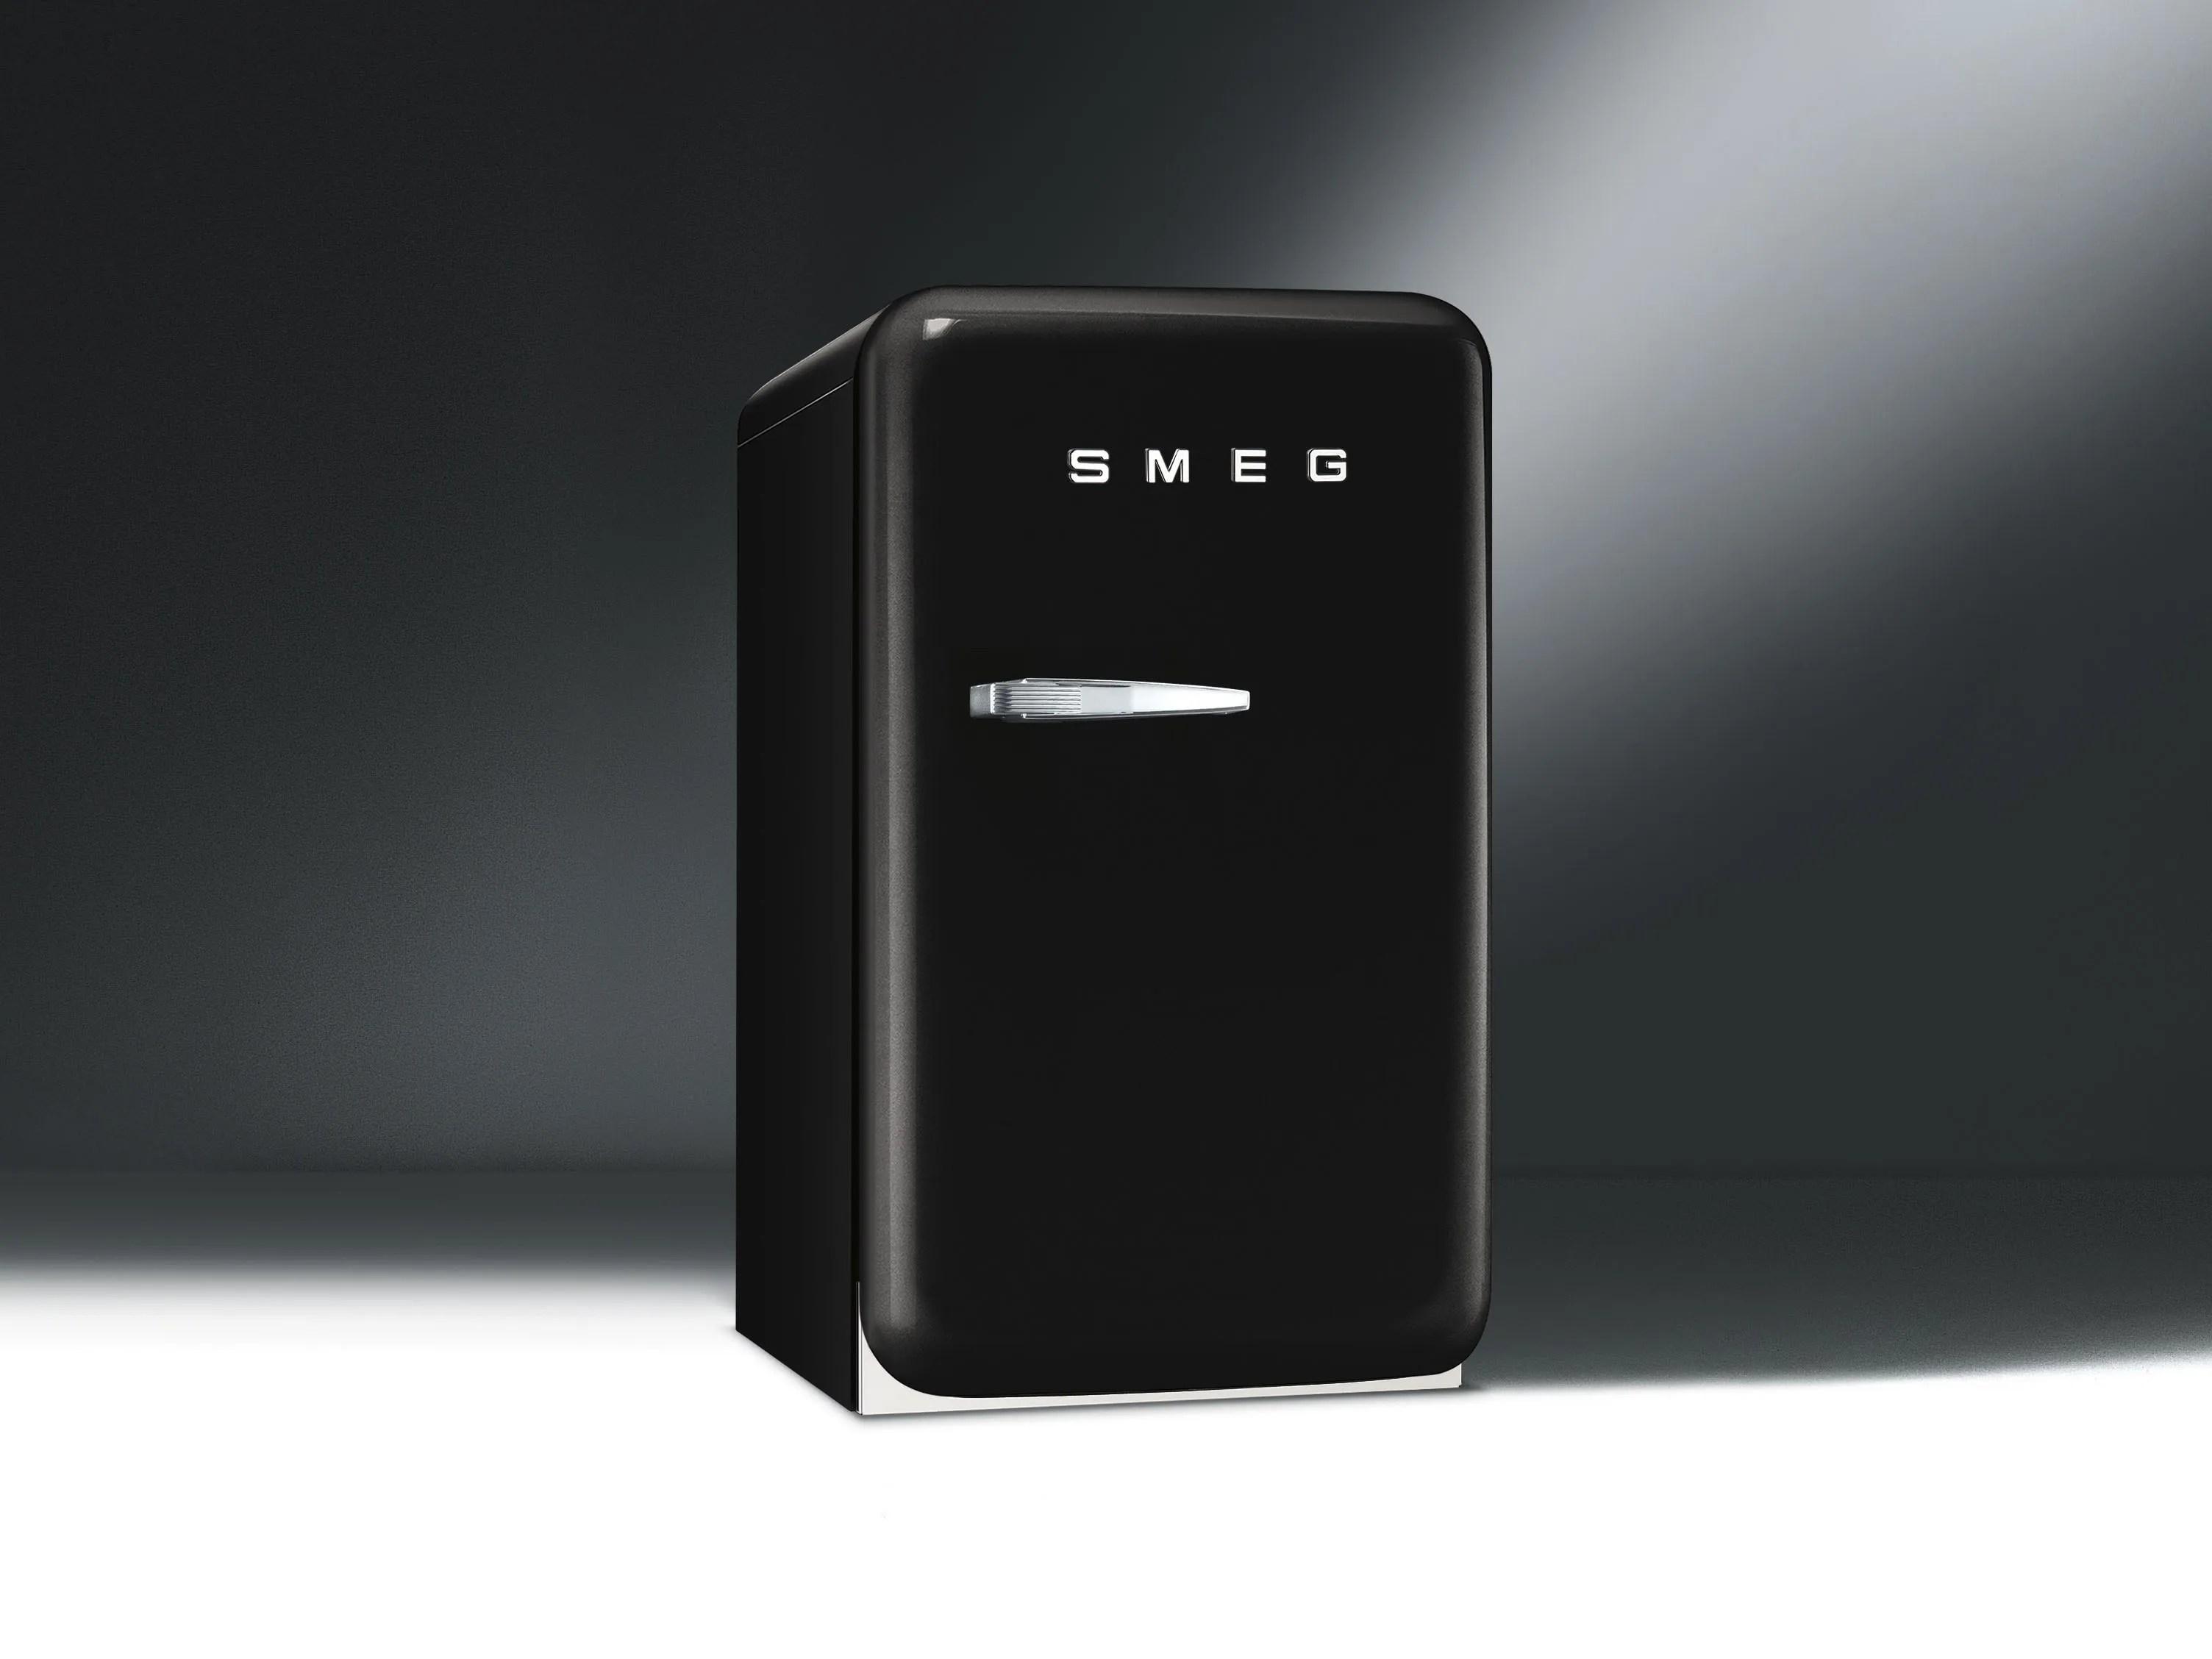 Mini Kühlschrank Real : Kühlschrank mini finebuy mini kühlschrank 65 liter minibar weiß real